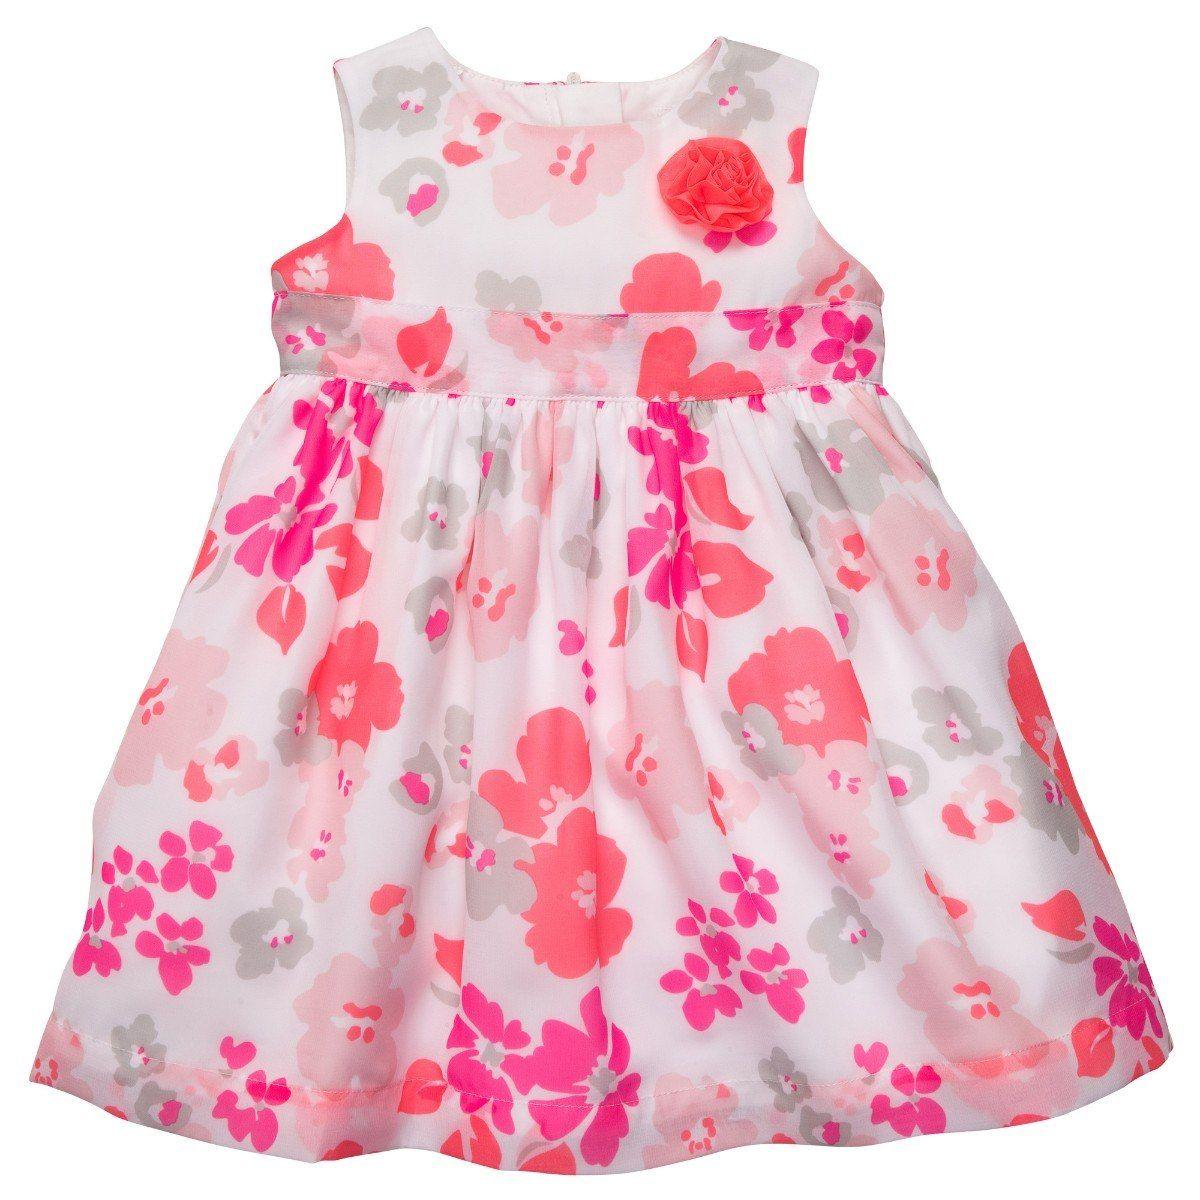 3a71ca189 vestido sin mangas estampado floral rosa | vestidos niña | Vestidos ...